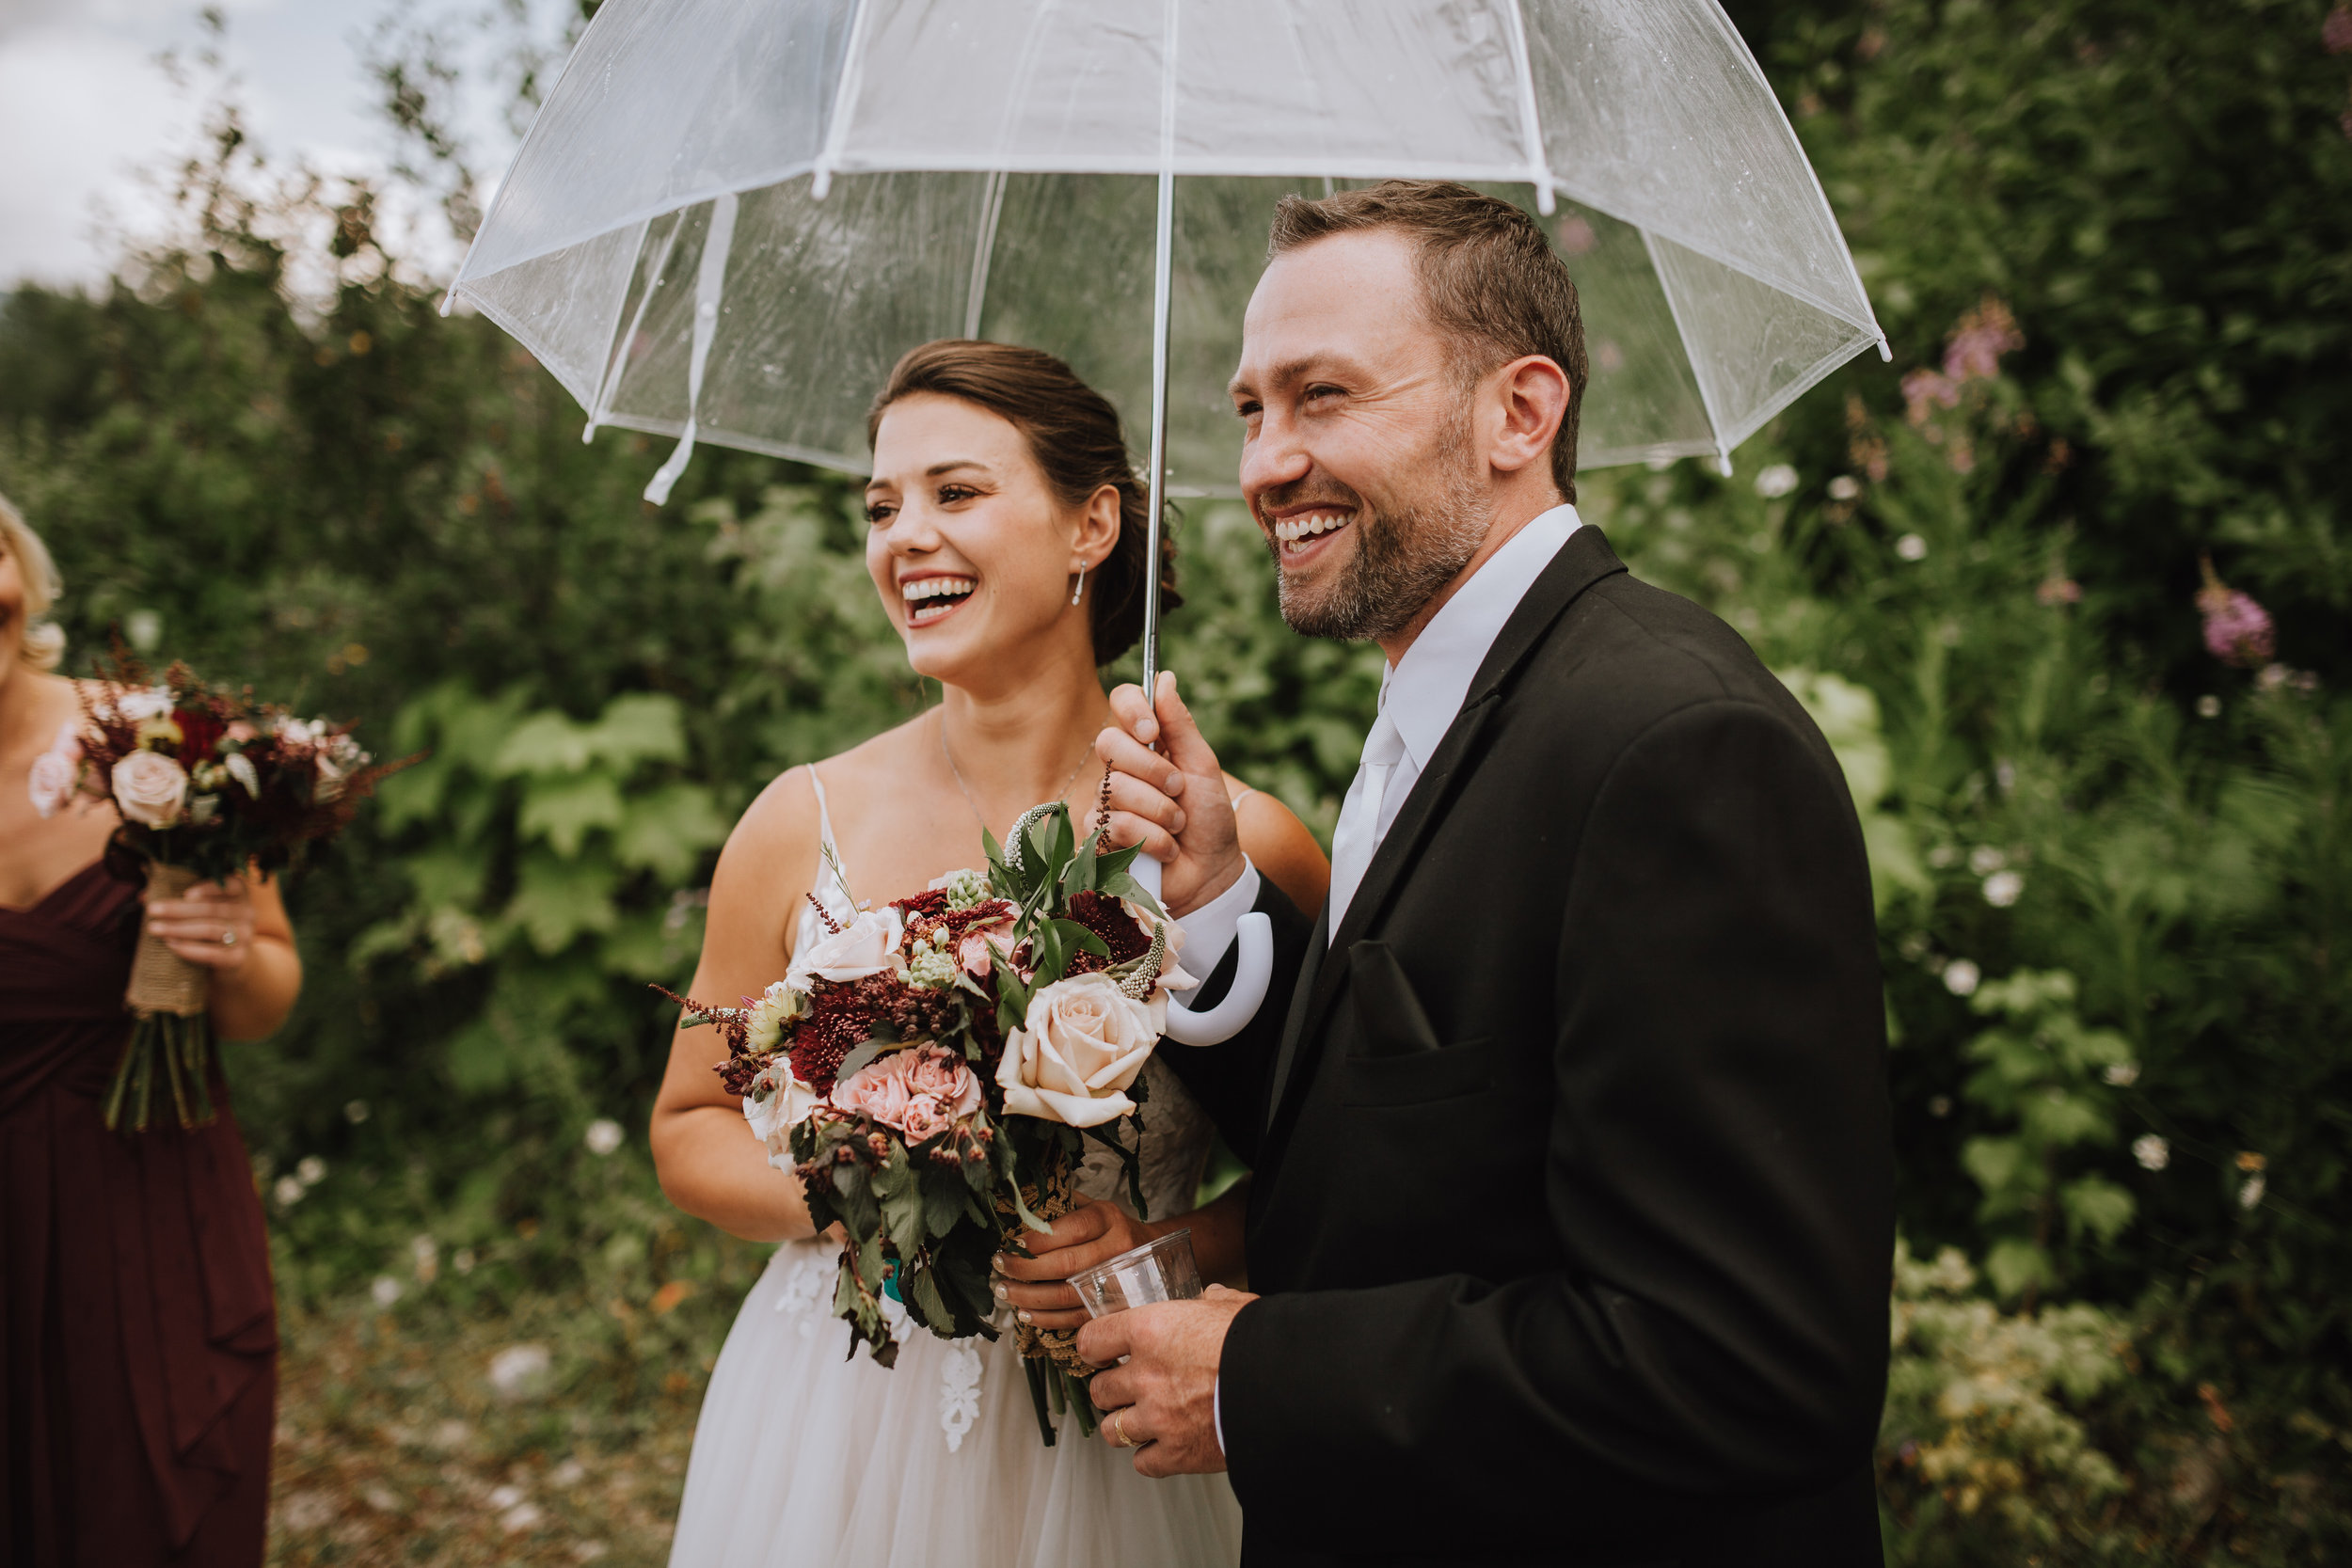 Sam + Jenna 4 - Bridal Portraits-162.jpg